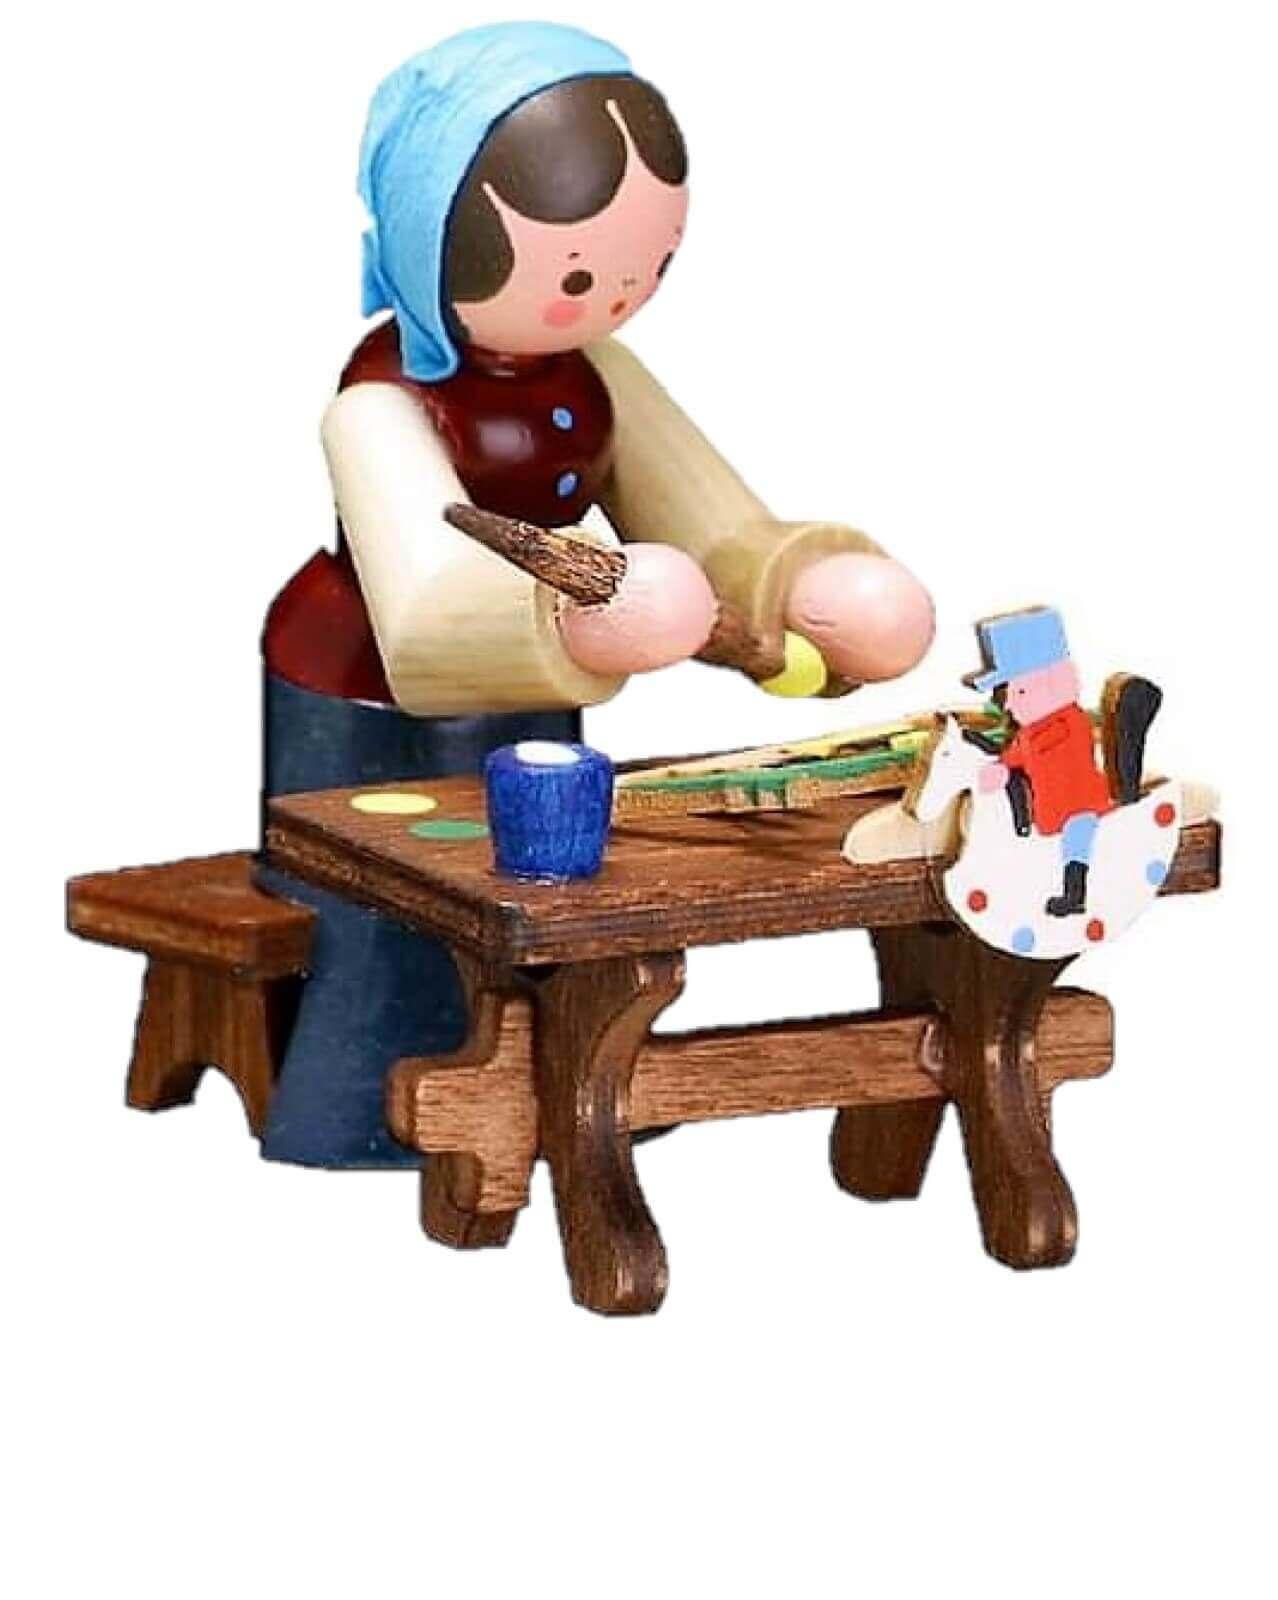 Die Schwibbogenmalerin, farbig von Romy Thiel Deutschneudorf/ Erzgebirge, malt in liebvoller Kleinarbeit diesen tollen Schwibbogen.Schwibbogen / …